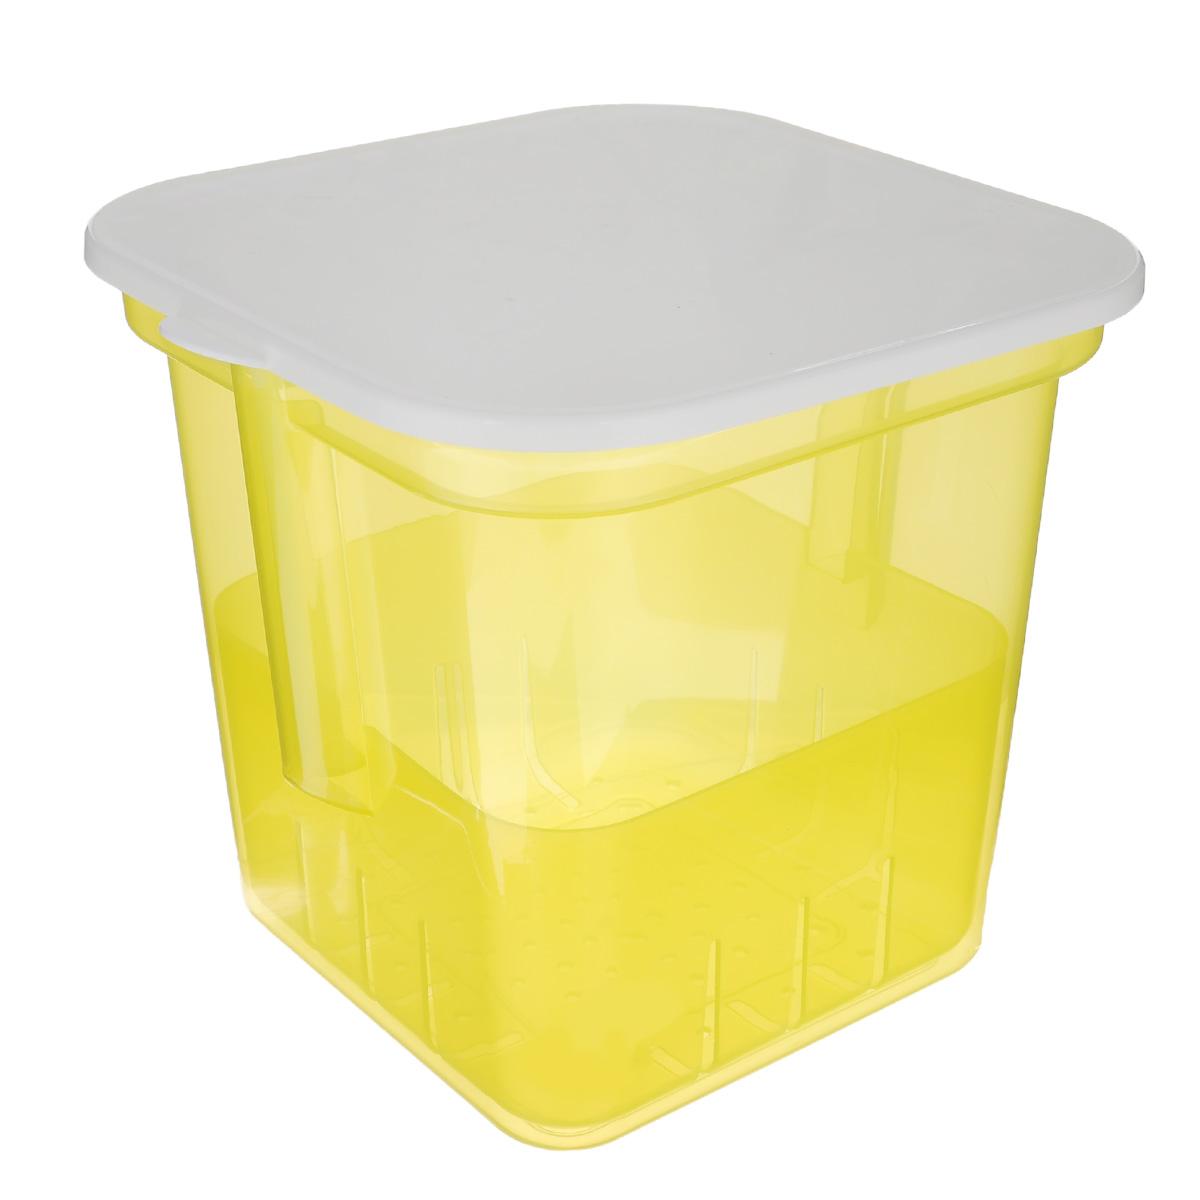 Банка для солений Альтернатива, с крышкой и вставкой, цвет: желтый, 7 лM1252Банка Альтернатива предназначена для размещения в ней солений. Выполнена из высокопрочного пластика. В комплекте съемный контейнер с ручкой, на дне которого имеются отверстия. Это позволяет легко вынимать соленья, при этом рассол быстро стечет вниз. С такой банкой удобно и хранить, и перевозить соленья в рассоле. Банка закрывается крышкой белого цвета. Объем: 7 л.